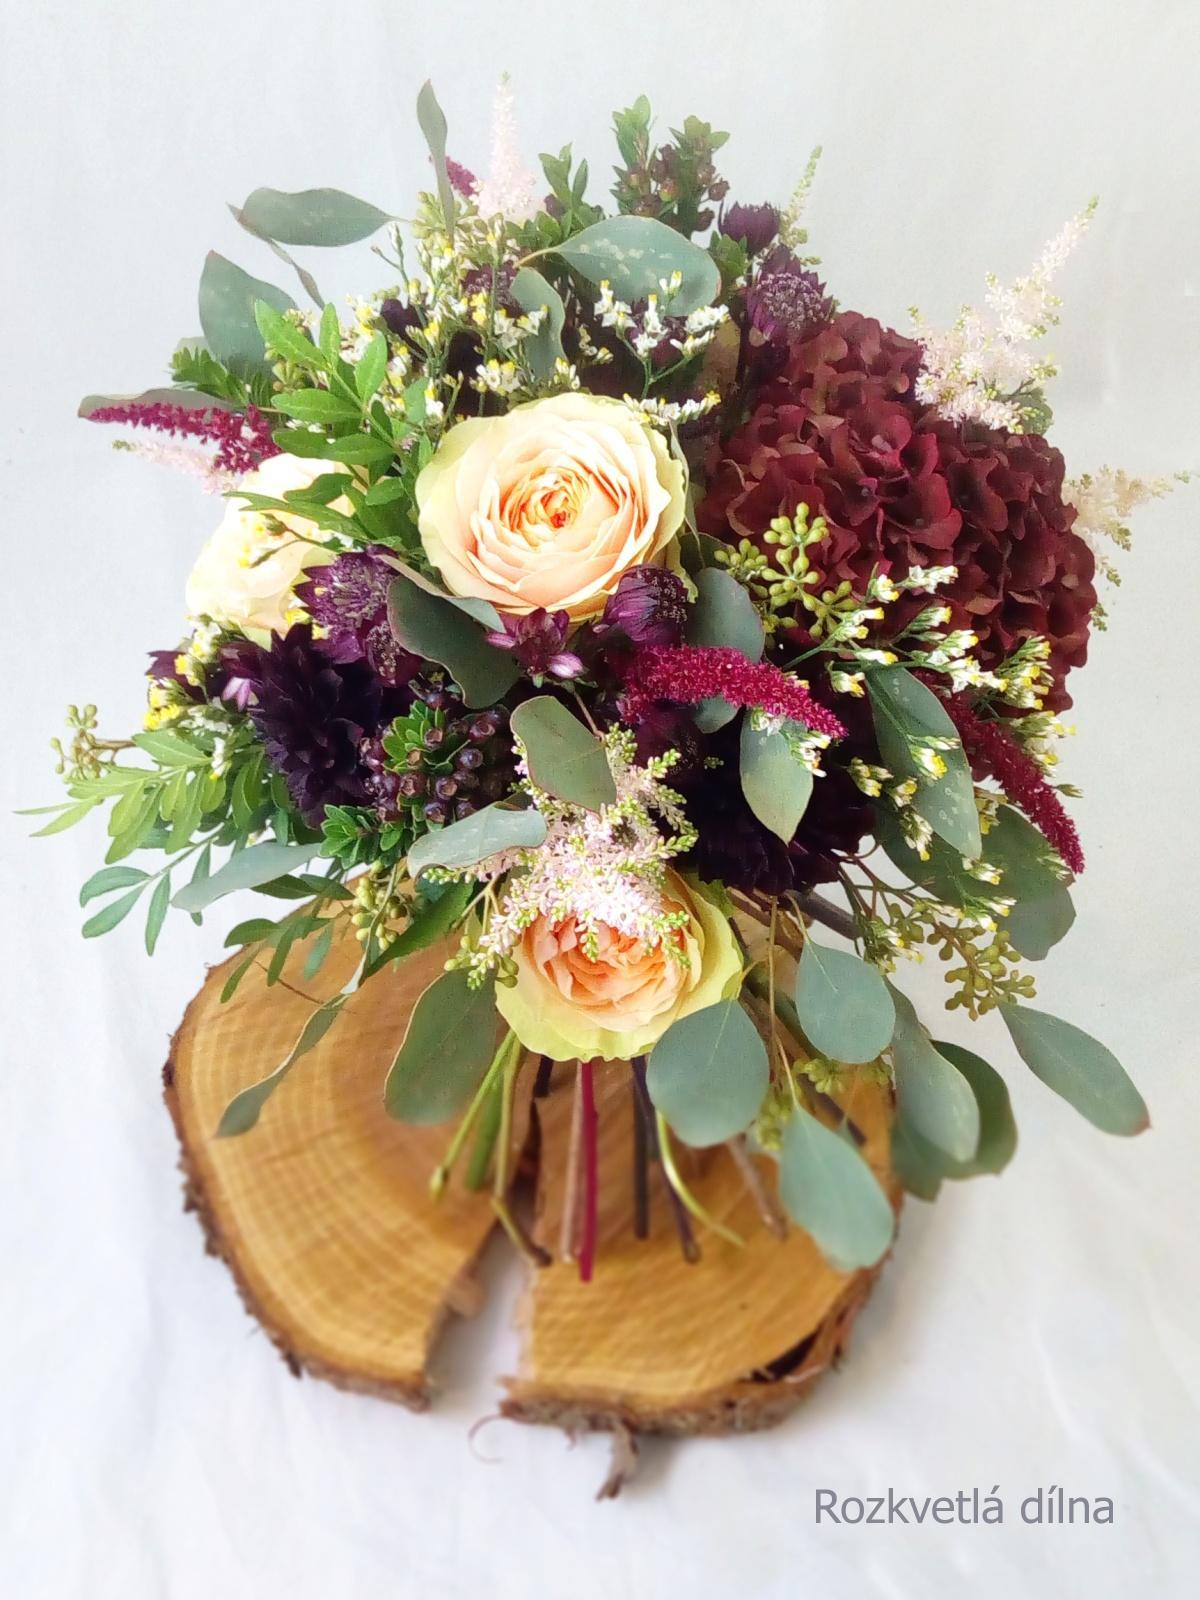 Léto se nám už stáčí k podzimu a s ním přicházejí ty krásné barevné a zemité svatby. Podzimní nevěsty, jaké máte v plánu barvy na tento podzim? Vkládám příklady z minulých let, které vznikly v mé dílně. Pokud byste potřebovaly květiny ještě na tento rok, napište, termíny ještě mám jak na podzim, tak na zimu. Otevřená je rezervace i na rok 2022. - Obrázek č. 3